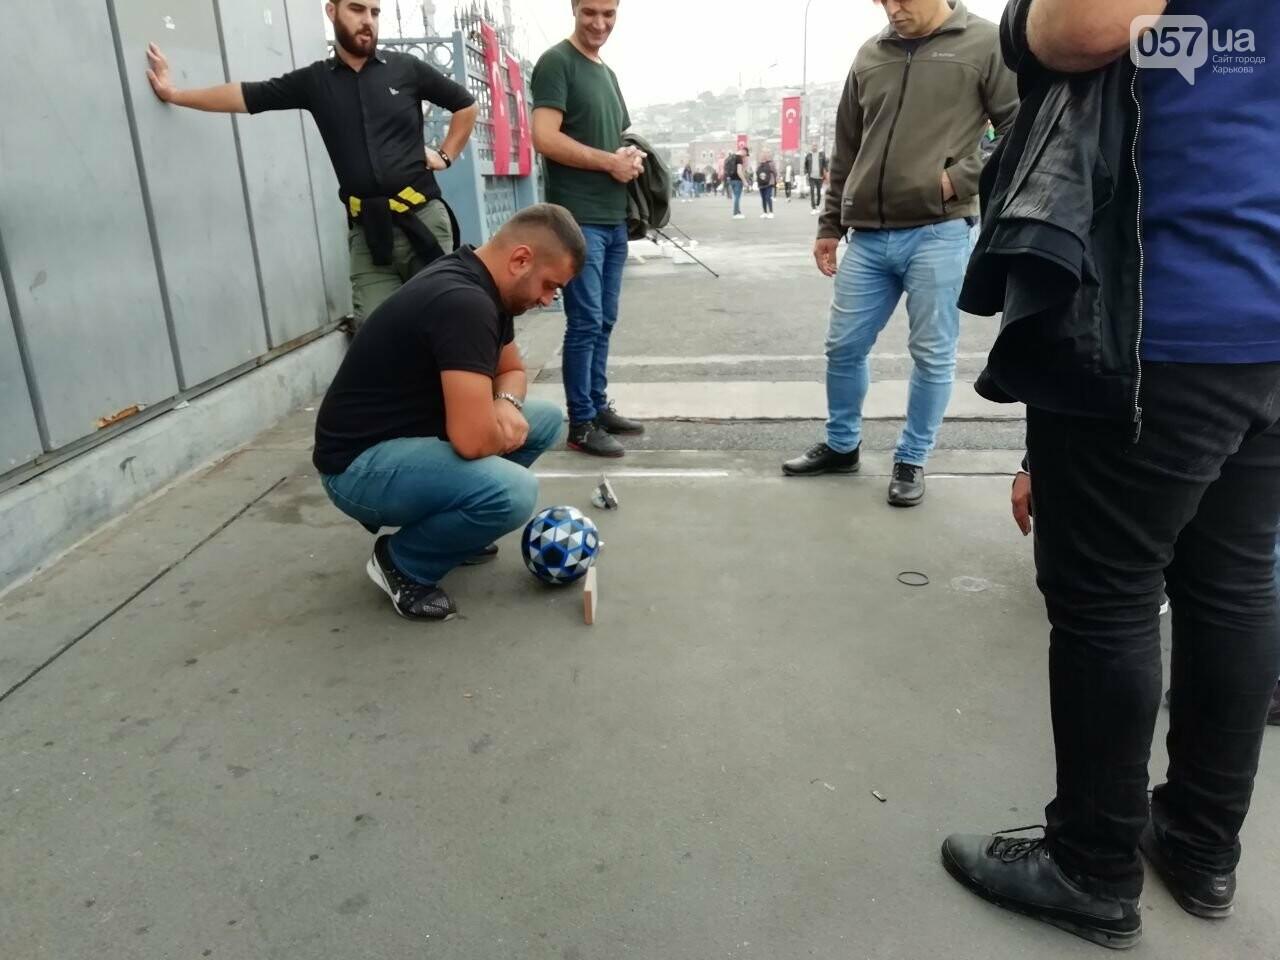 Из Харькова в Стамбул. Как добраться, что попробовать и на что посмотреть в турецком городе, - ФОТО, фото-49